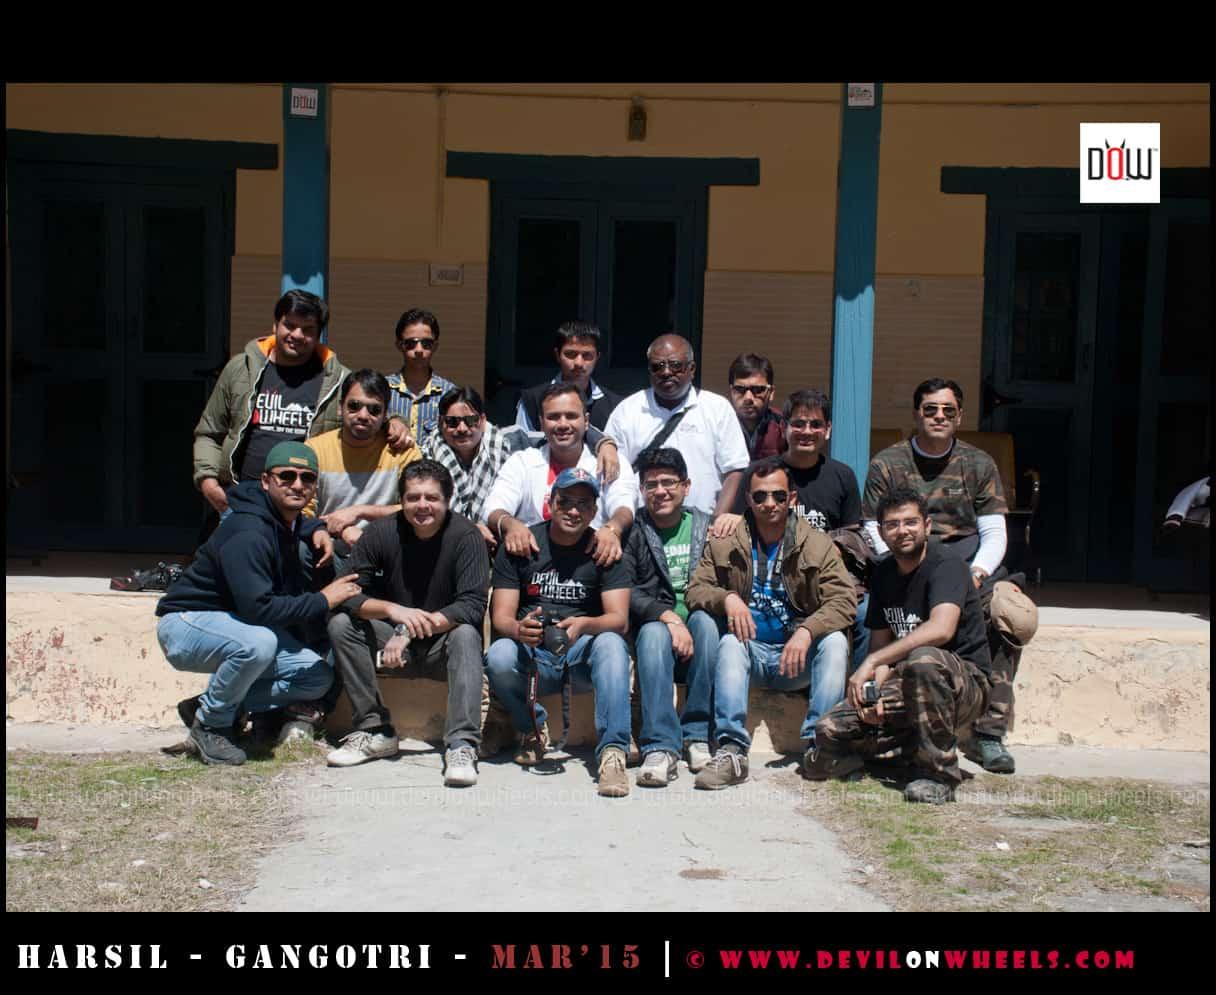 Gang of Harsil